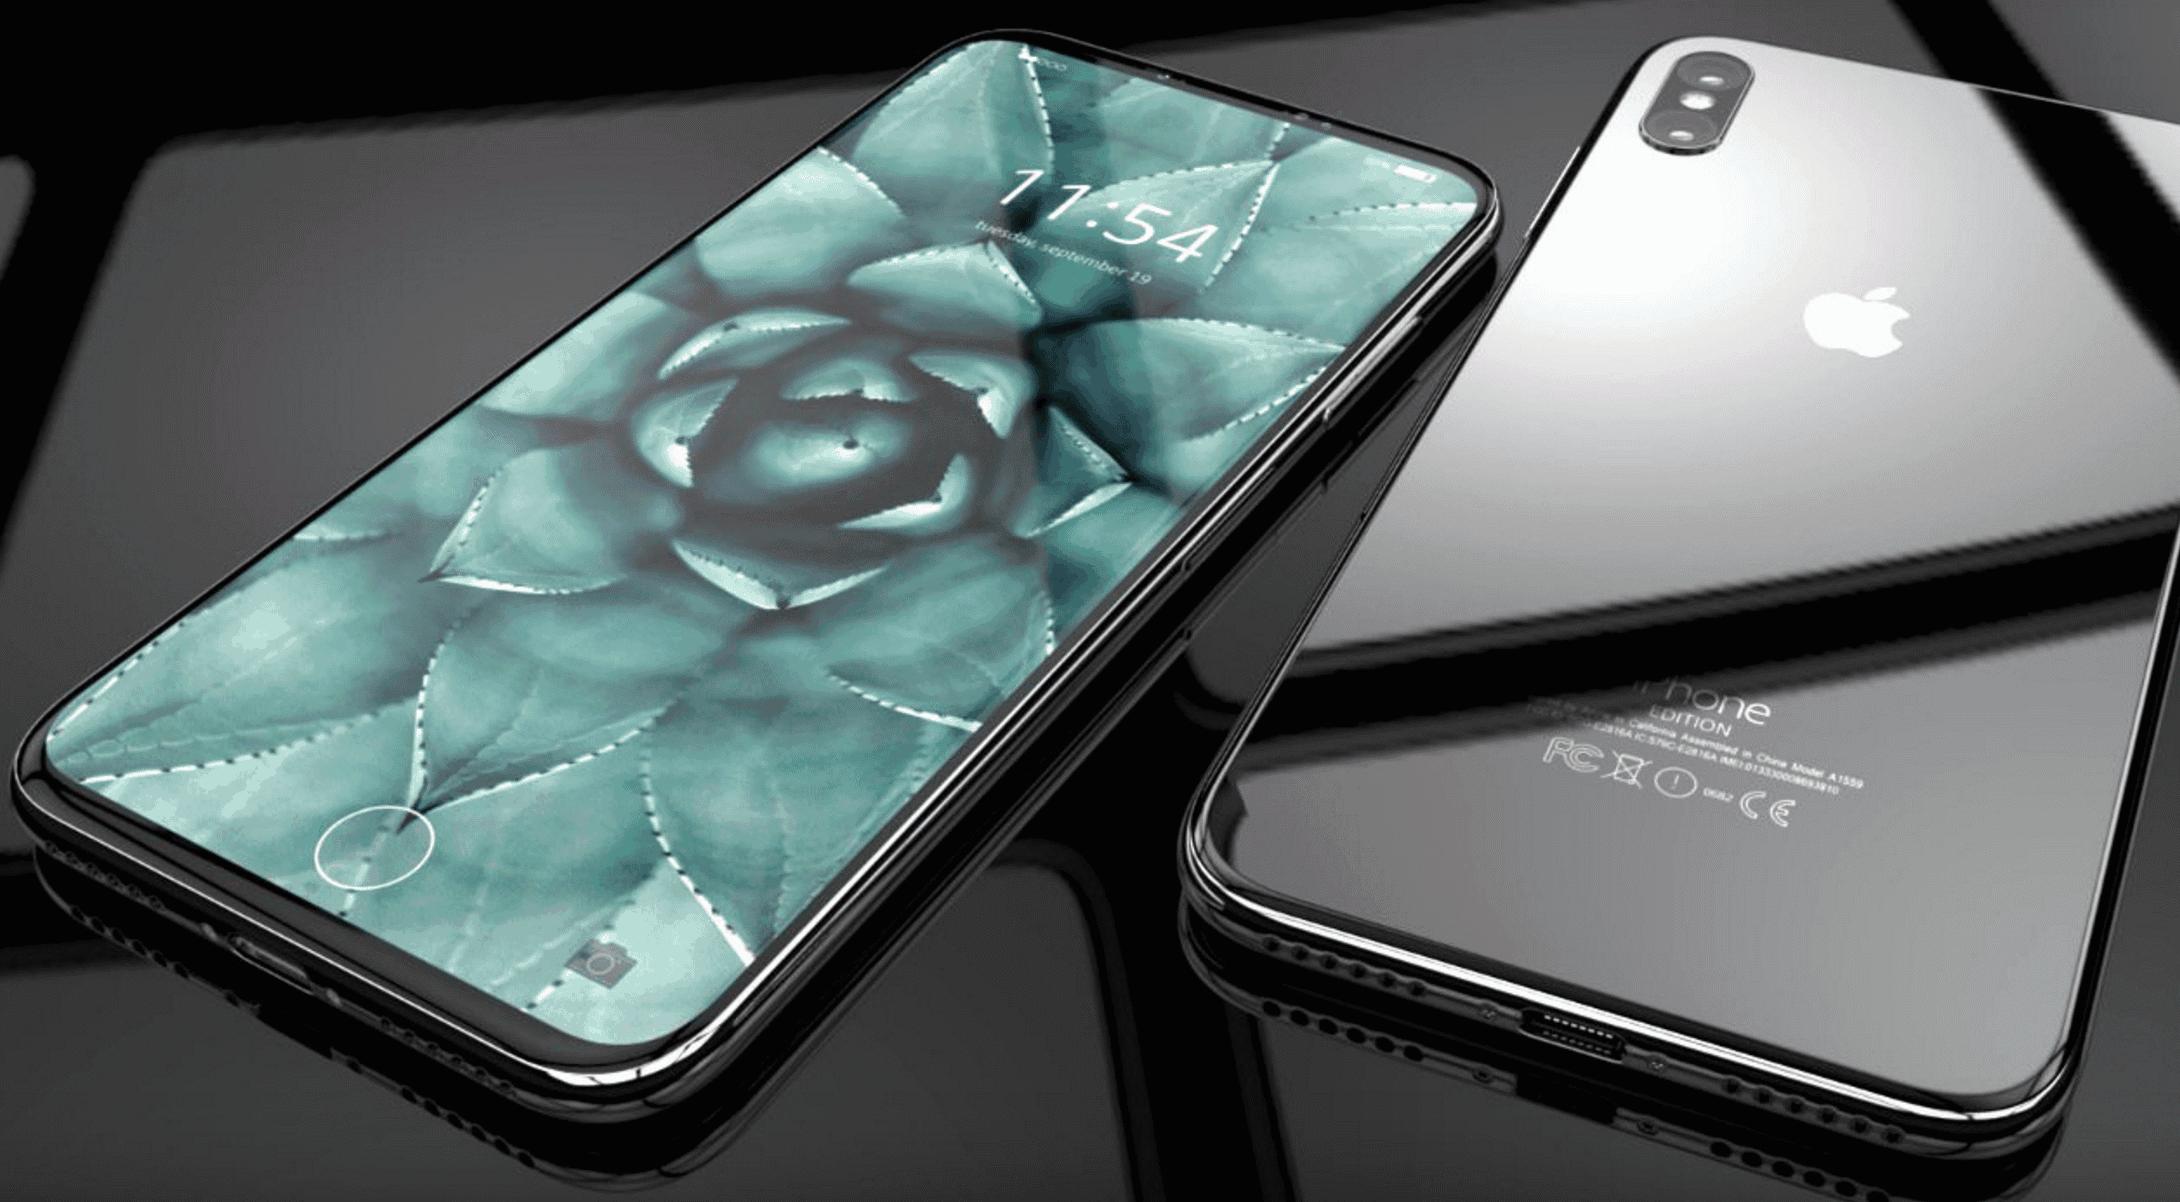 Что нового в iphone 8 и какие отличия от iphone 7 и 6